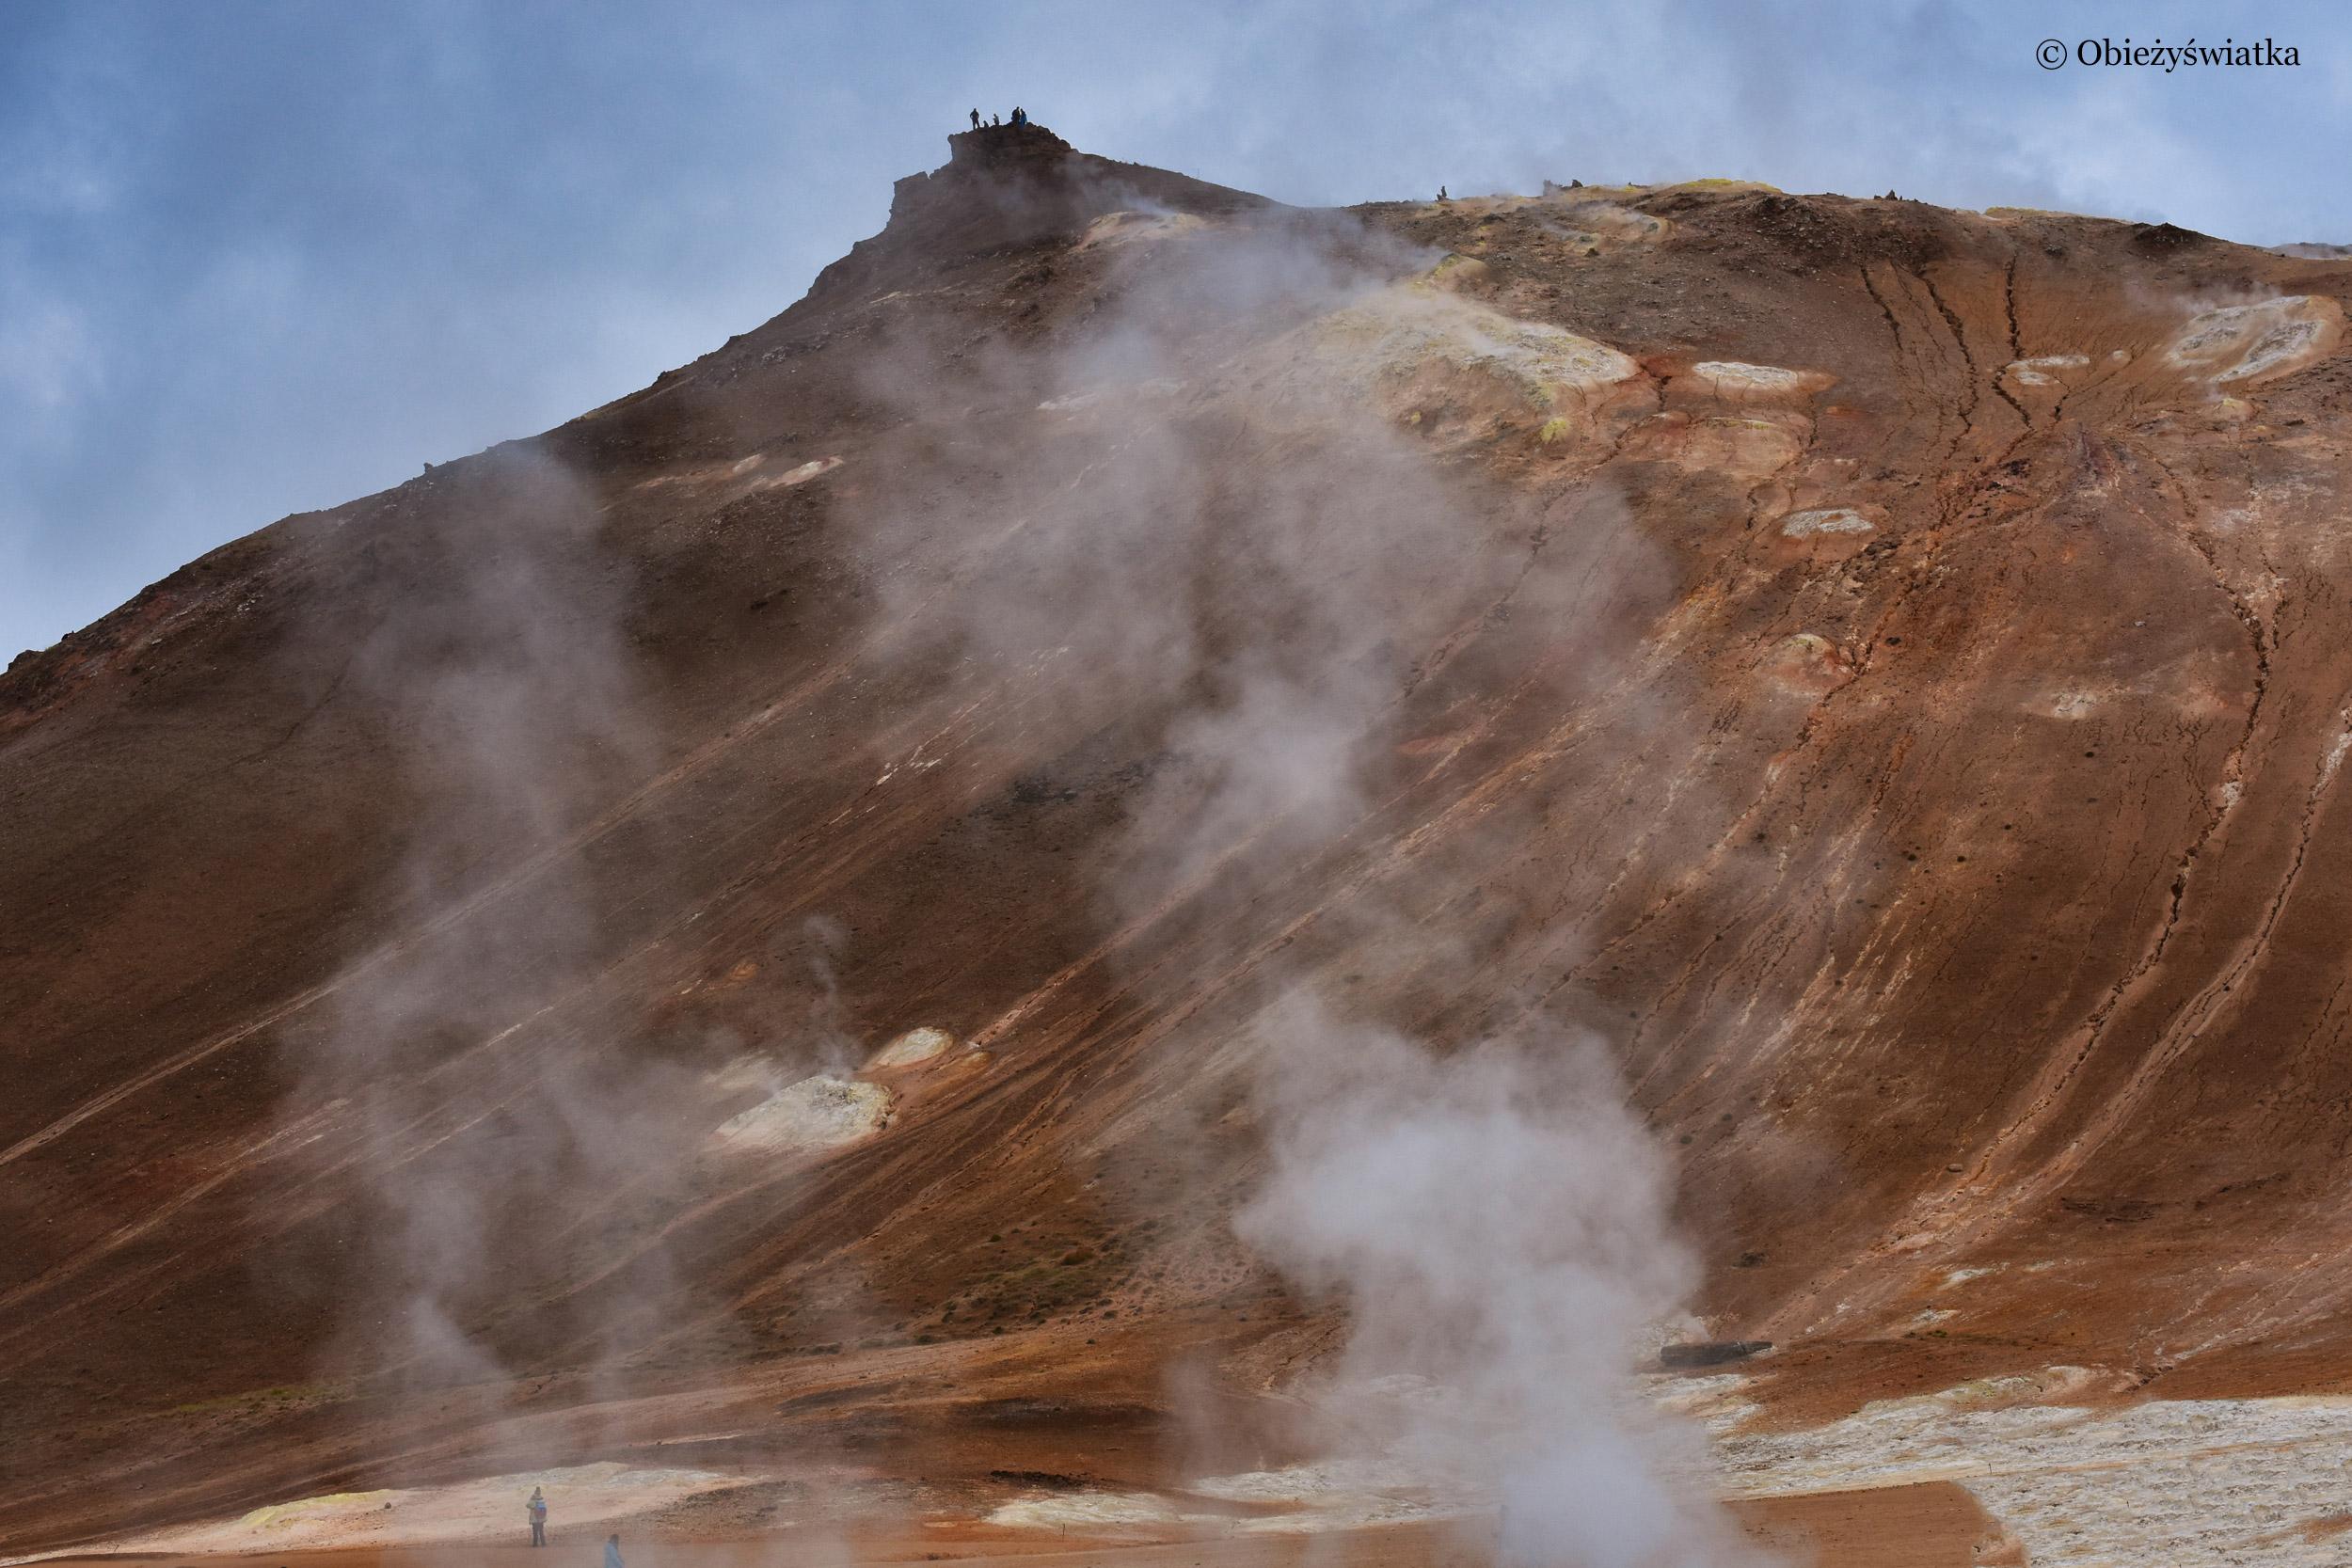 Lawa, wulkany, fumarole